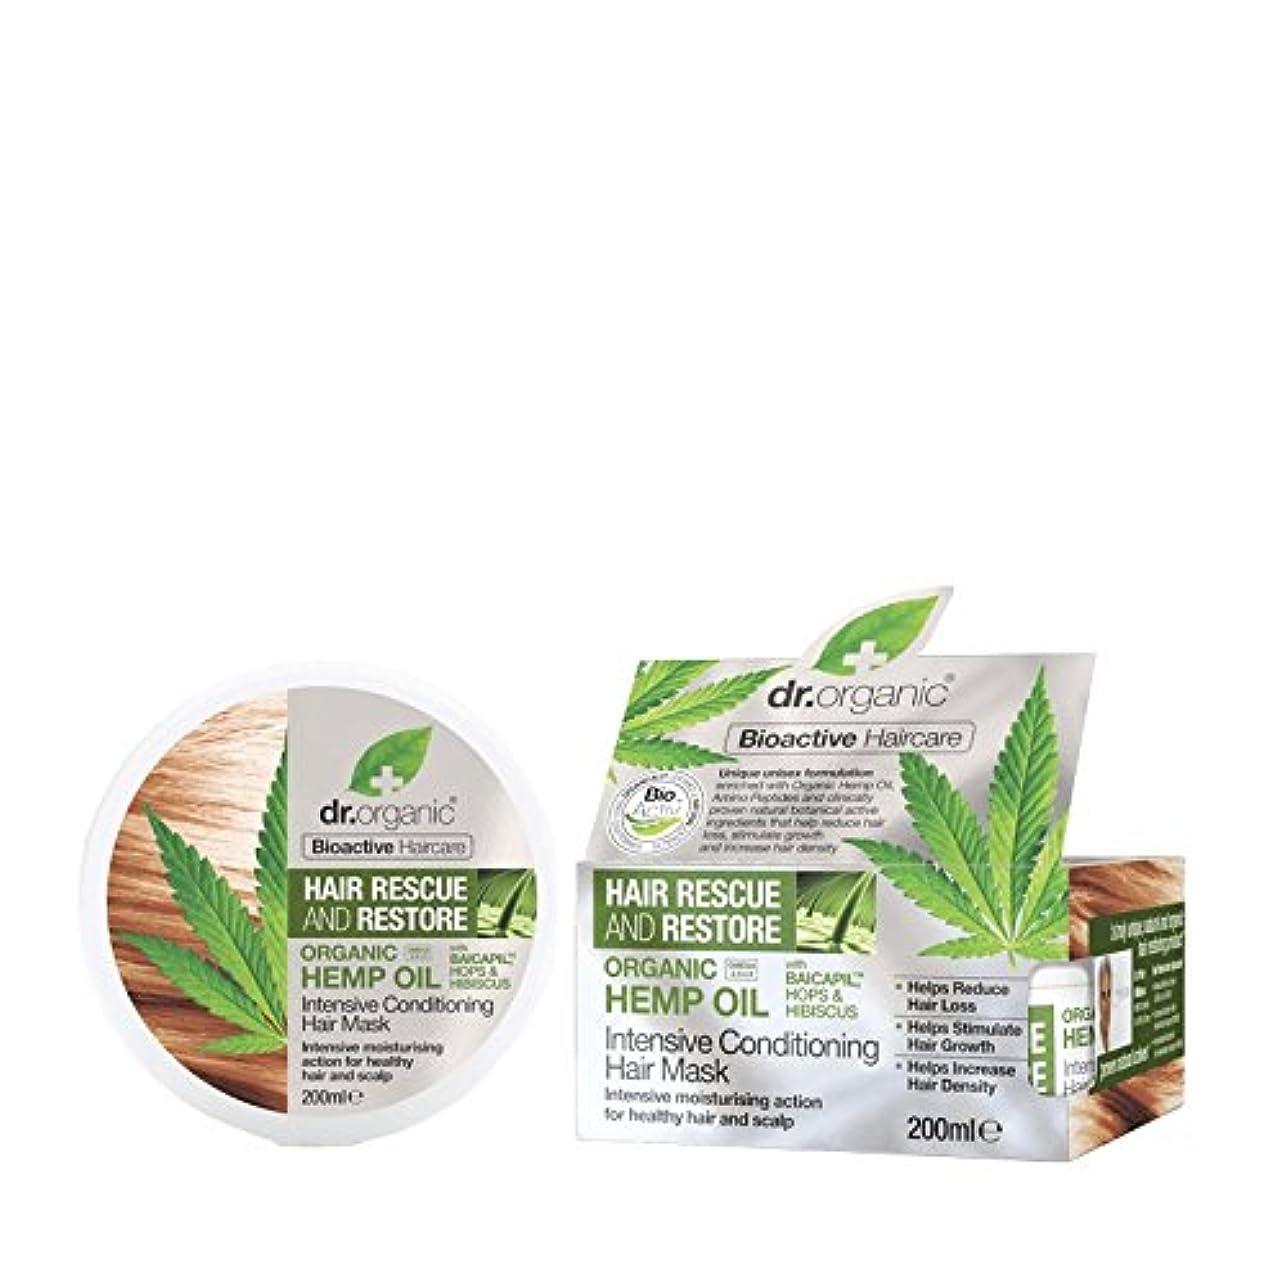 基礎ラリーベルモント梨Dr有機大麻油の集中コンディショナー200ミリリットル - Dr Organic Hemp Oil Intensive Conditioner 200ml (Dr Organic) [並行輸入品]